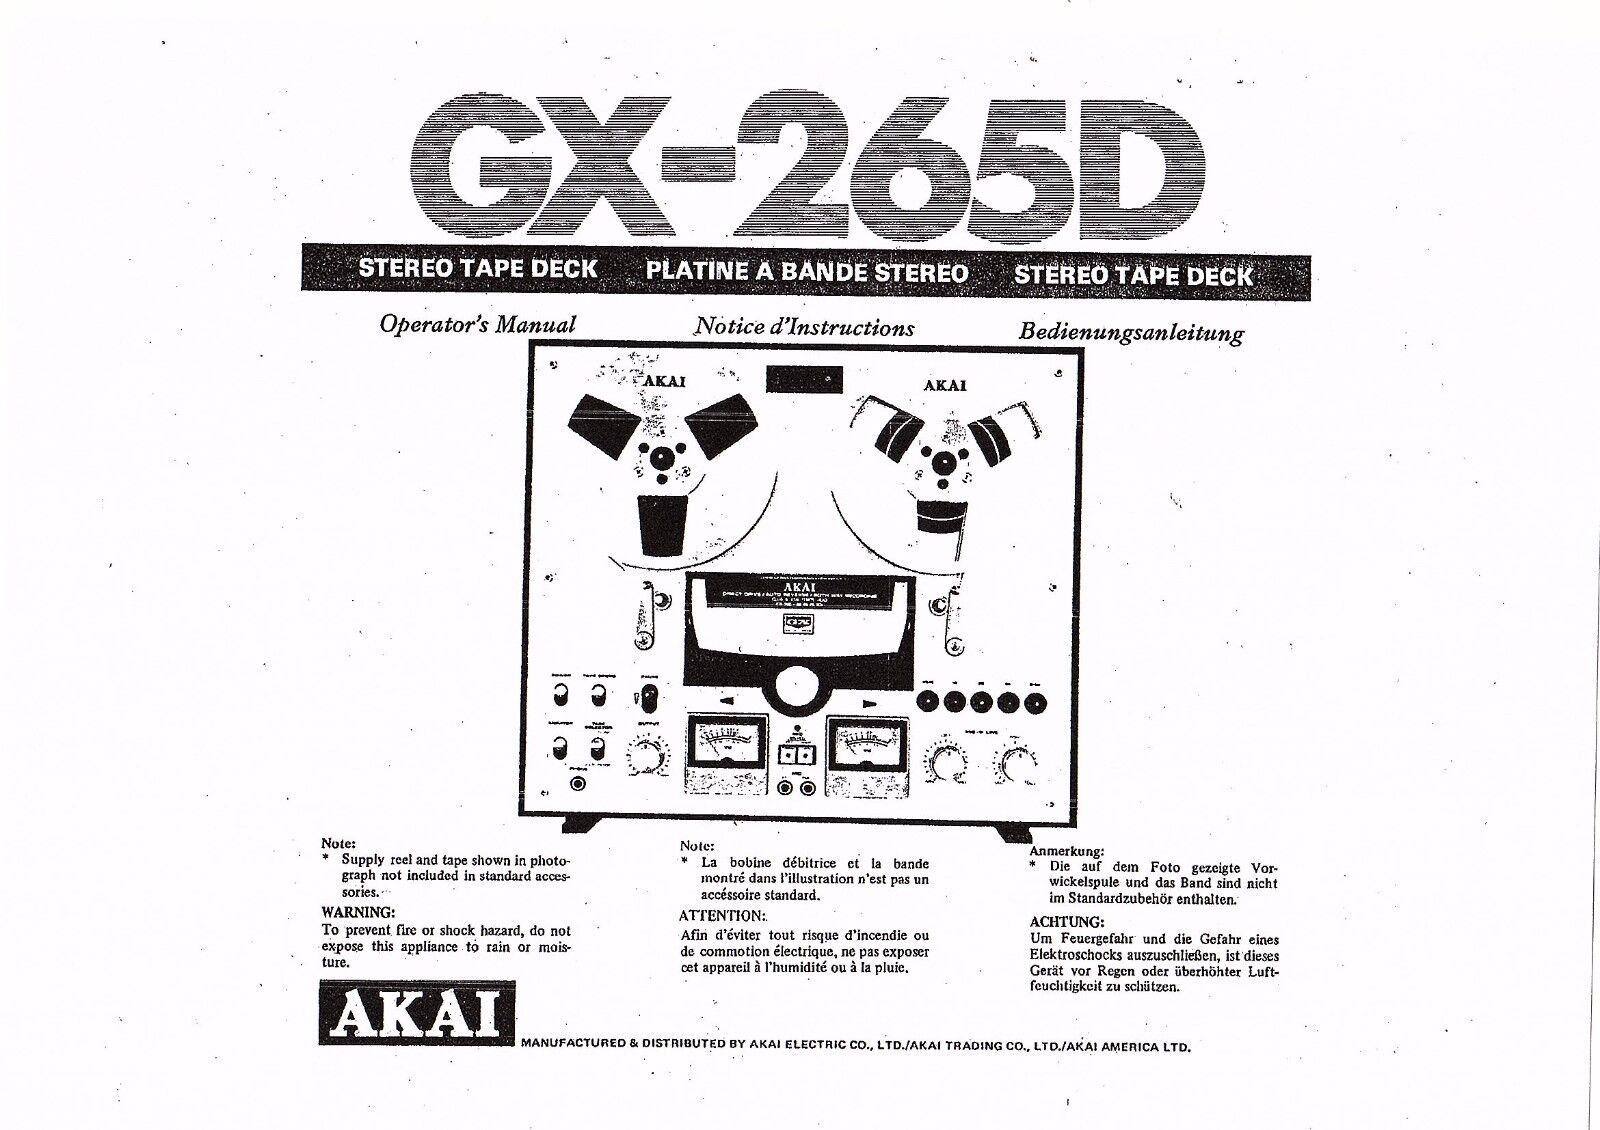 AkaiユーザーマニュアルGX-265 D多言語コピーのユーザーマニュアル所有者のeBay公認海外通販|セカイモン